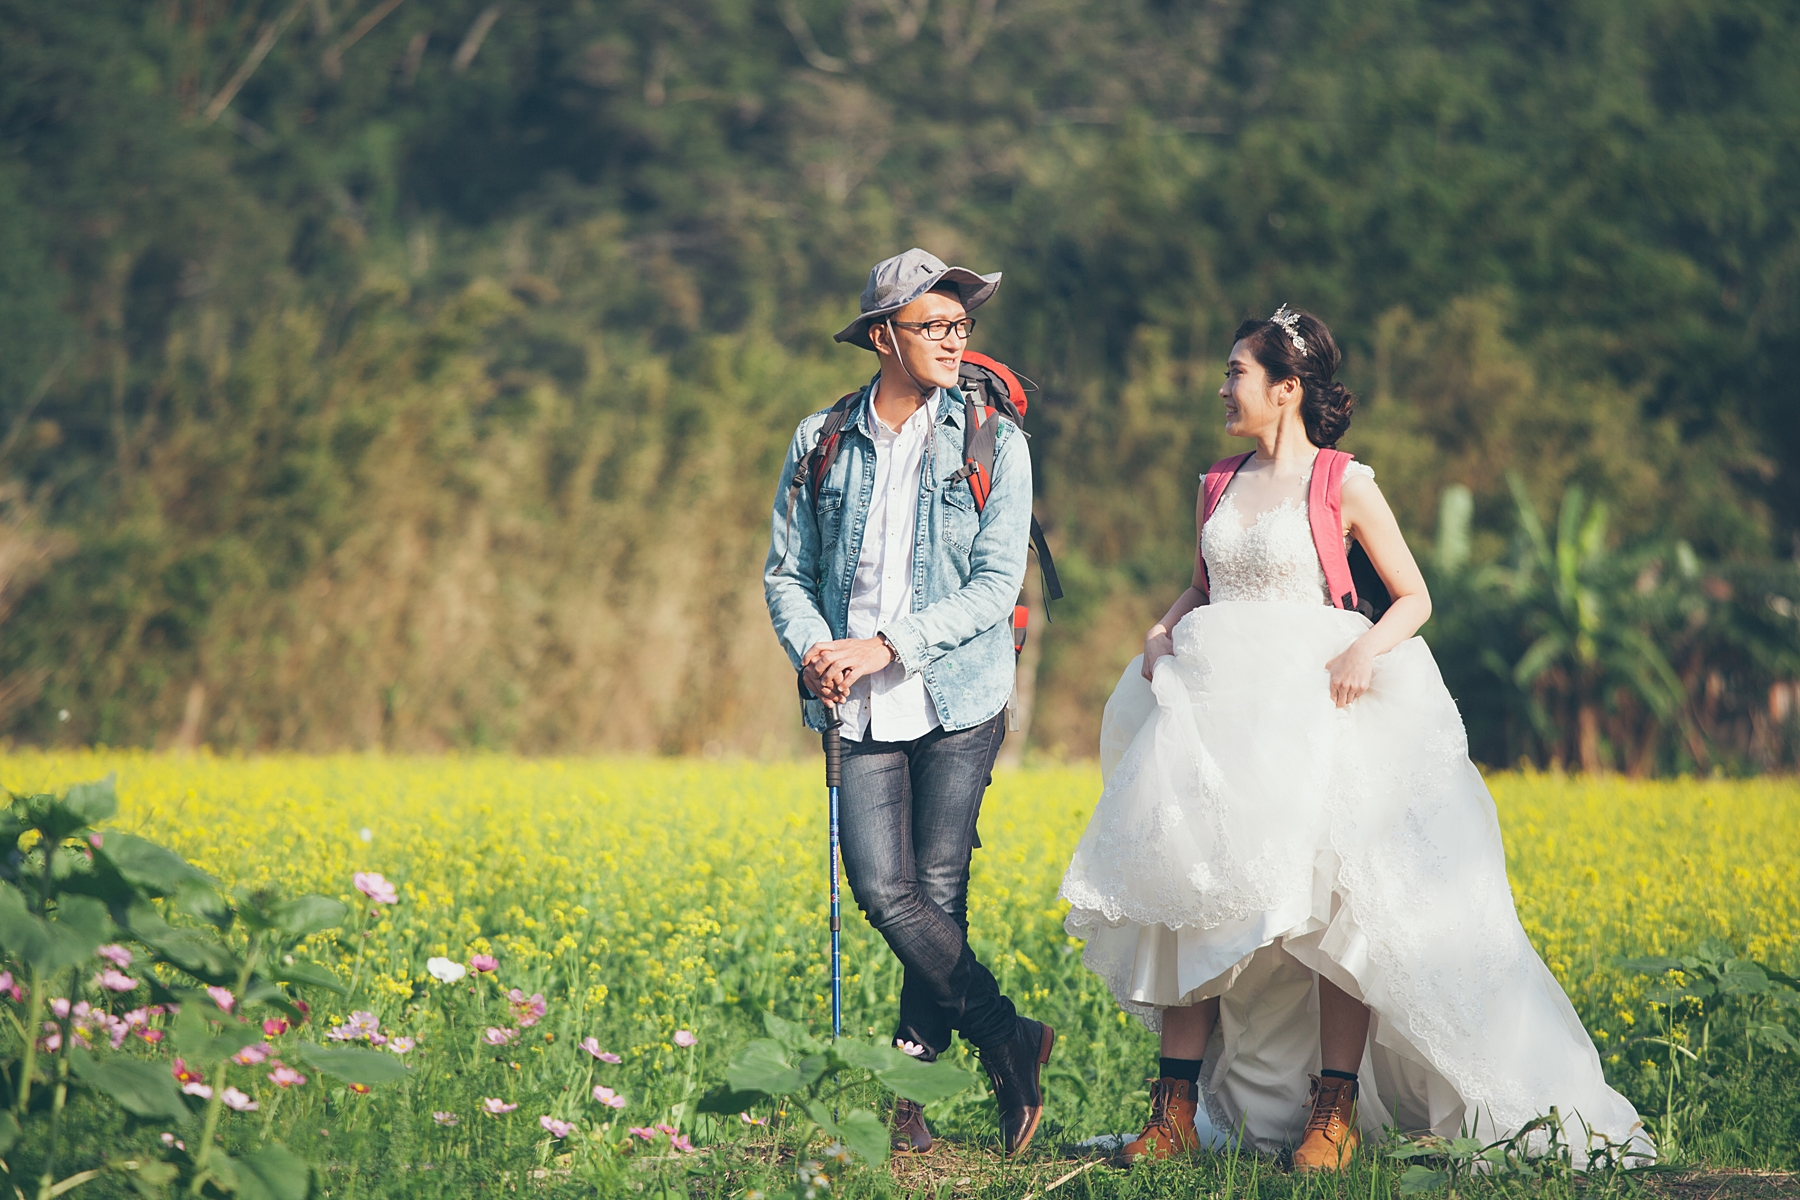 婚禮攝影,婚攝,婚禮記錄,新竹,煙波大飯店,底片風格,自然